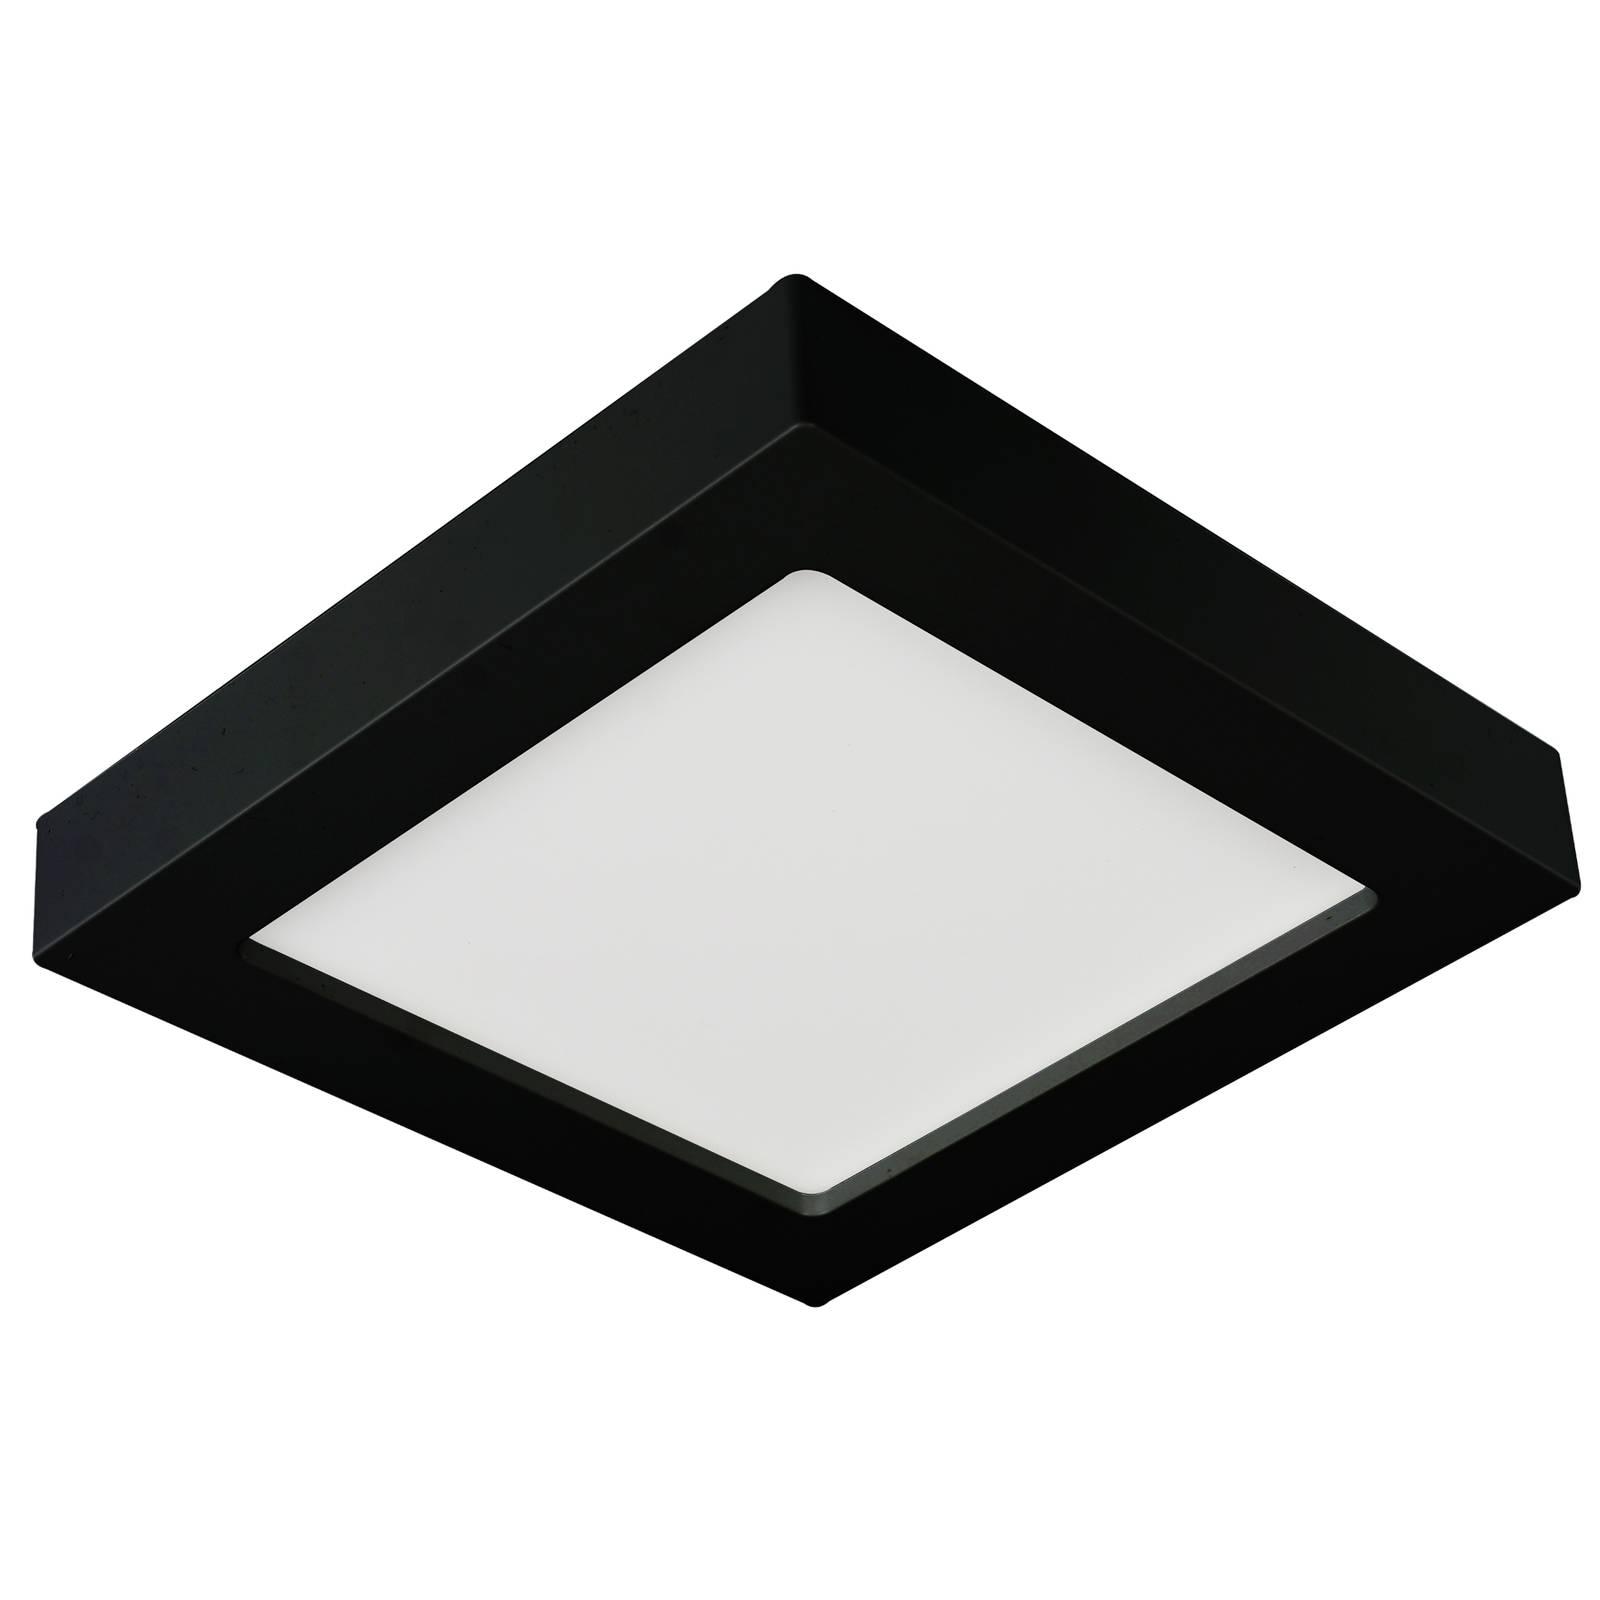 Prios Mazin -LED-kattovalaisin, IP44, CCT, 24 W